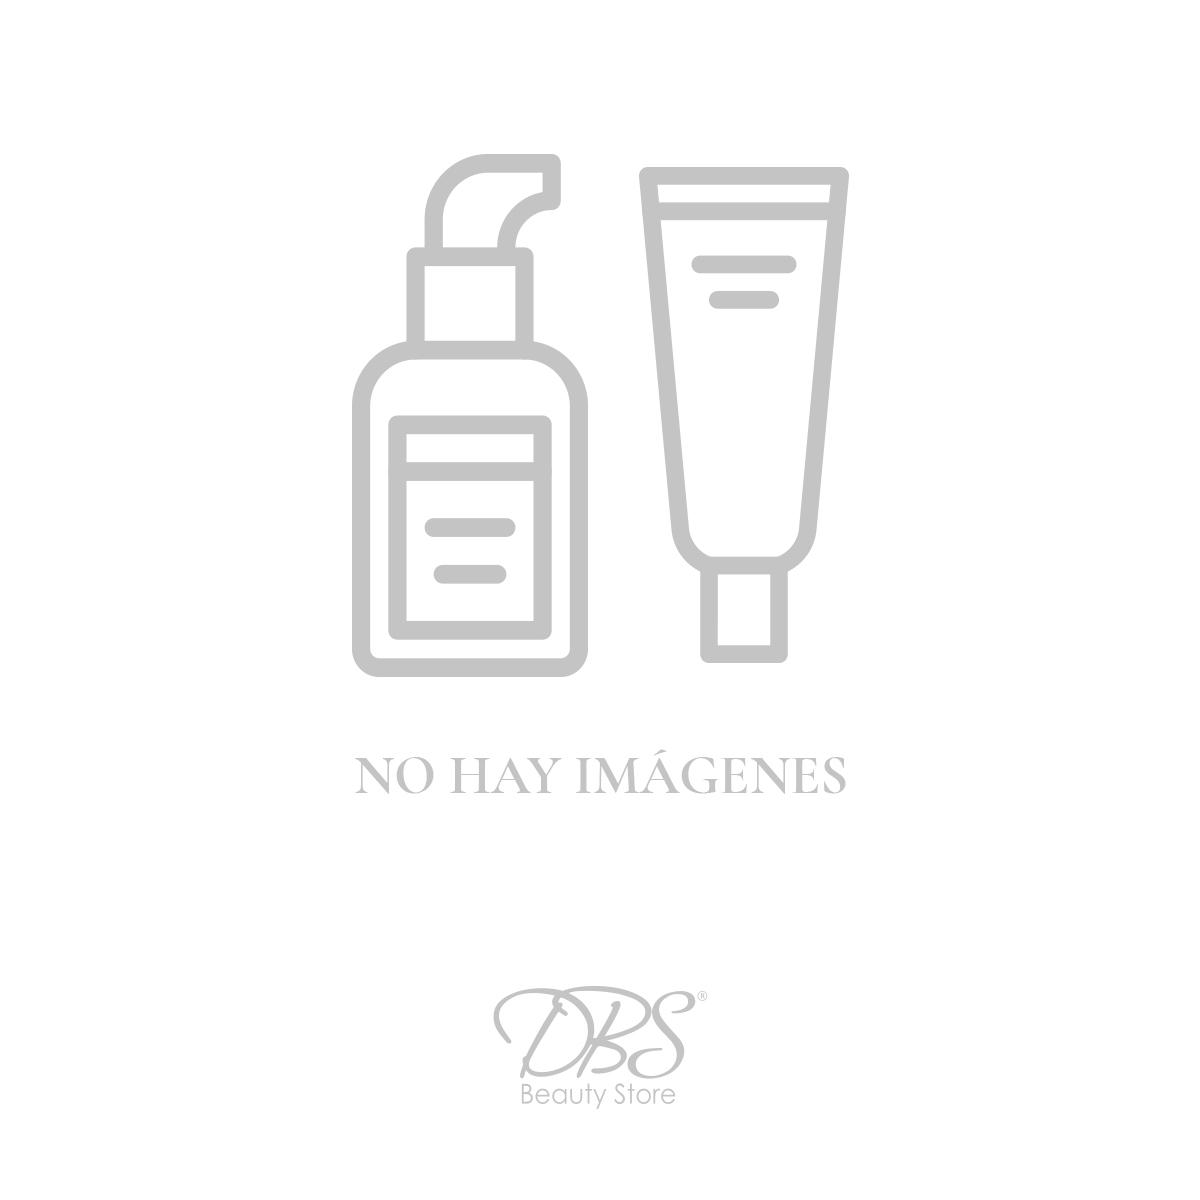 bath-and-body-works-BW-28583.jpg